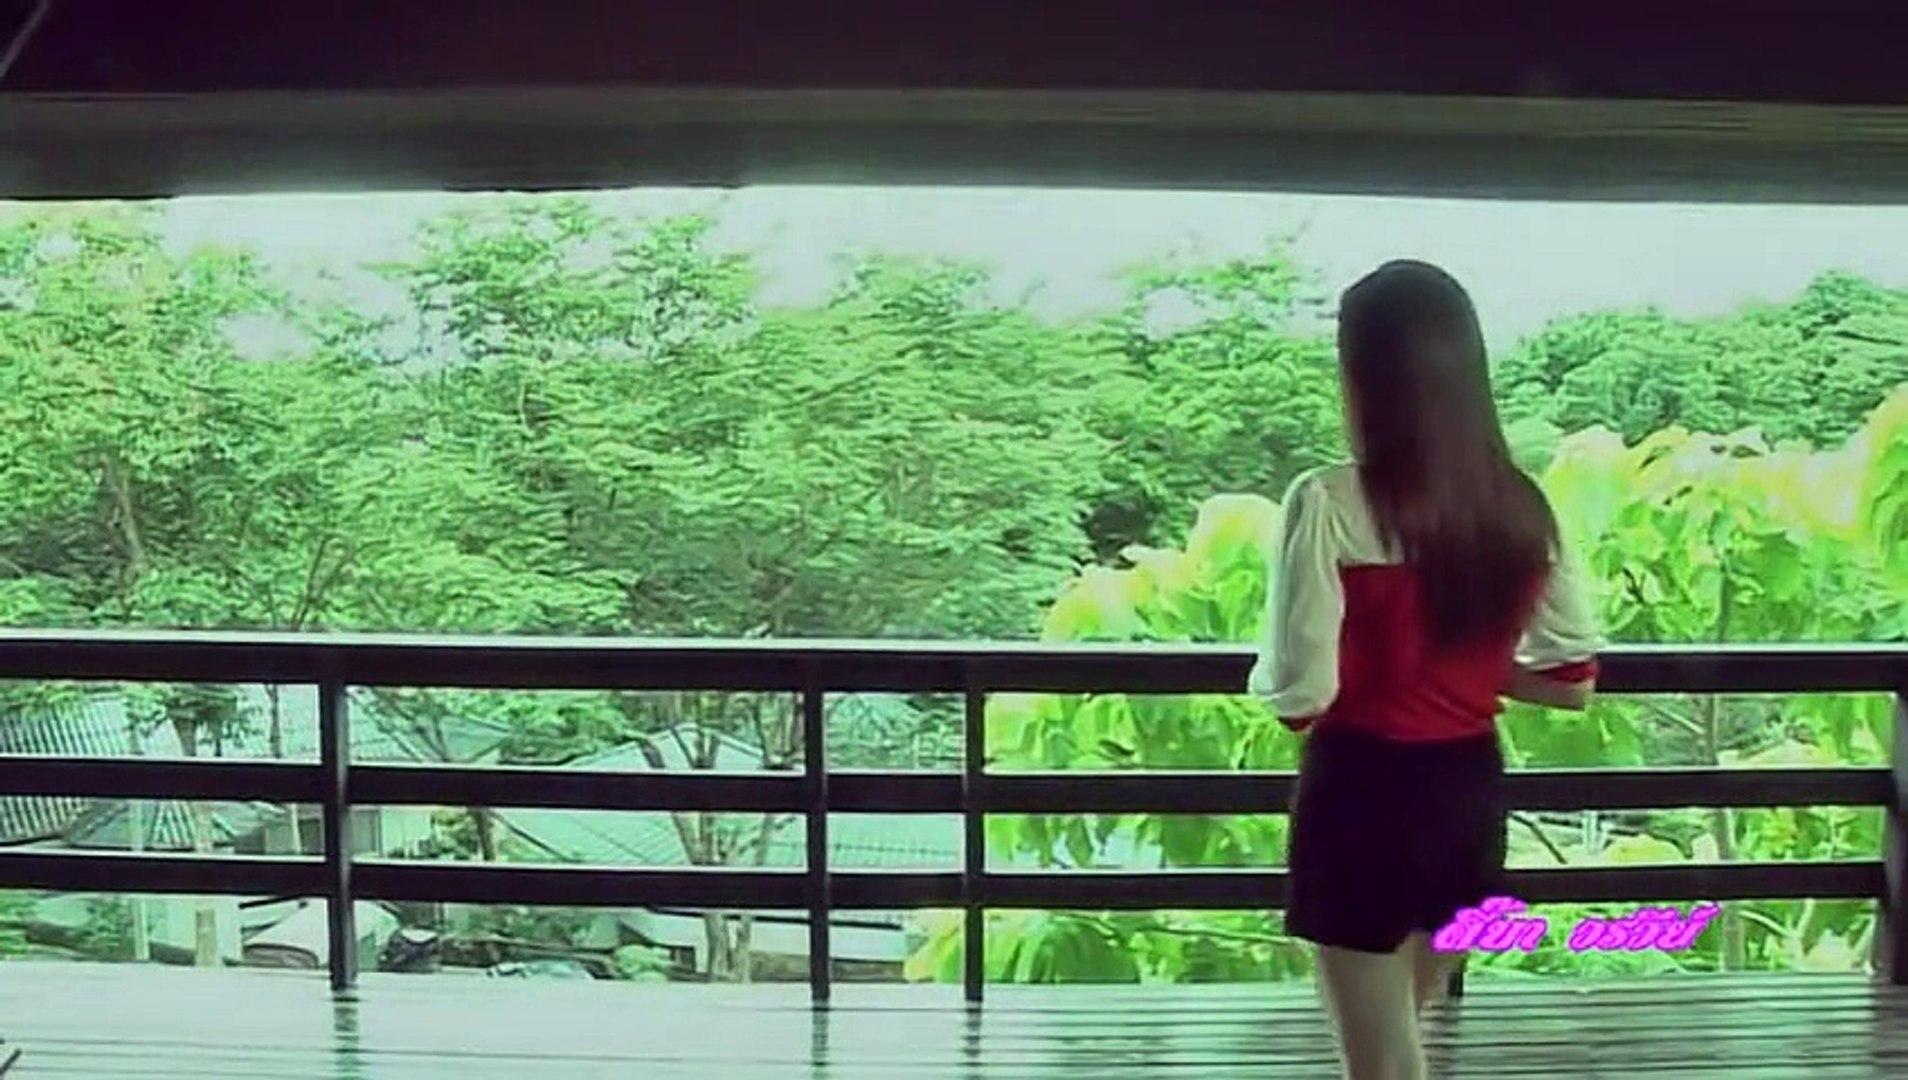 หนังไทย หนังใหม่ กระดังงาร่านรัก  HD